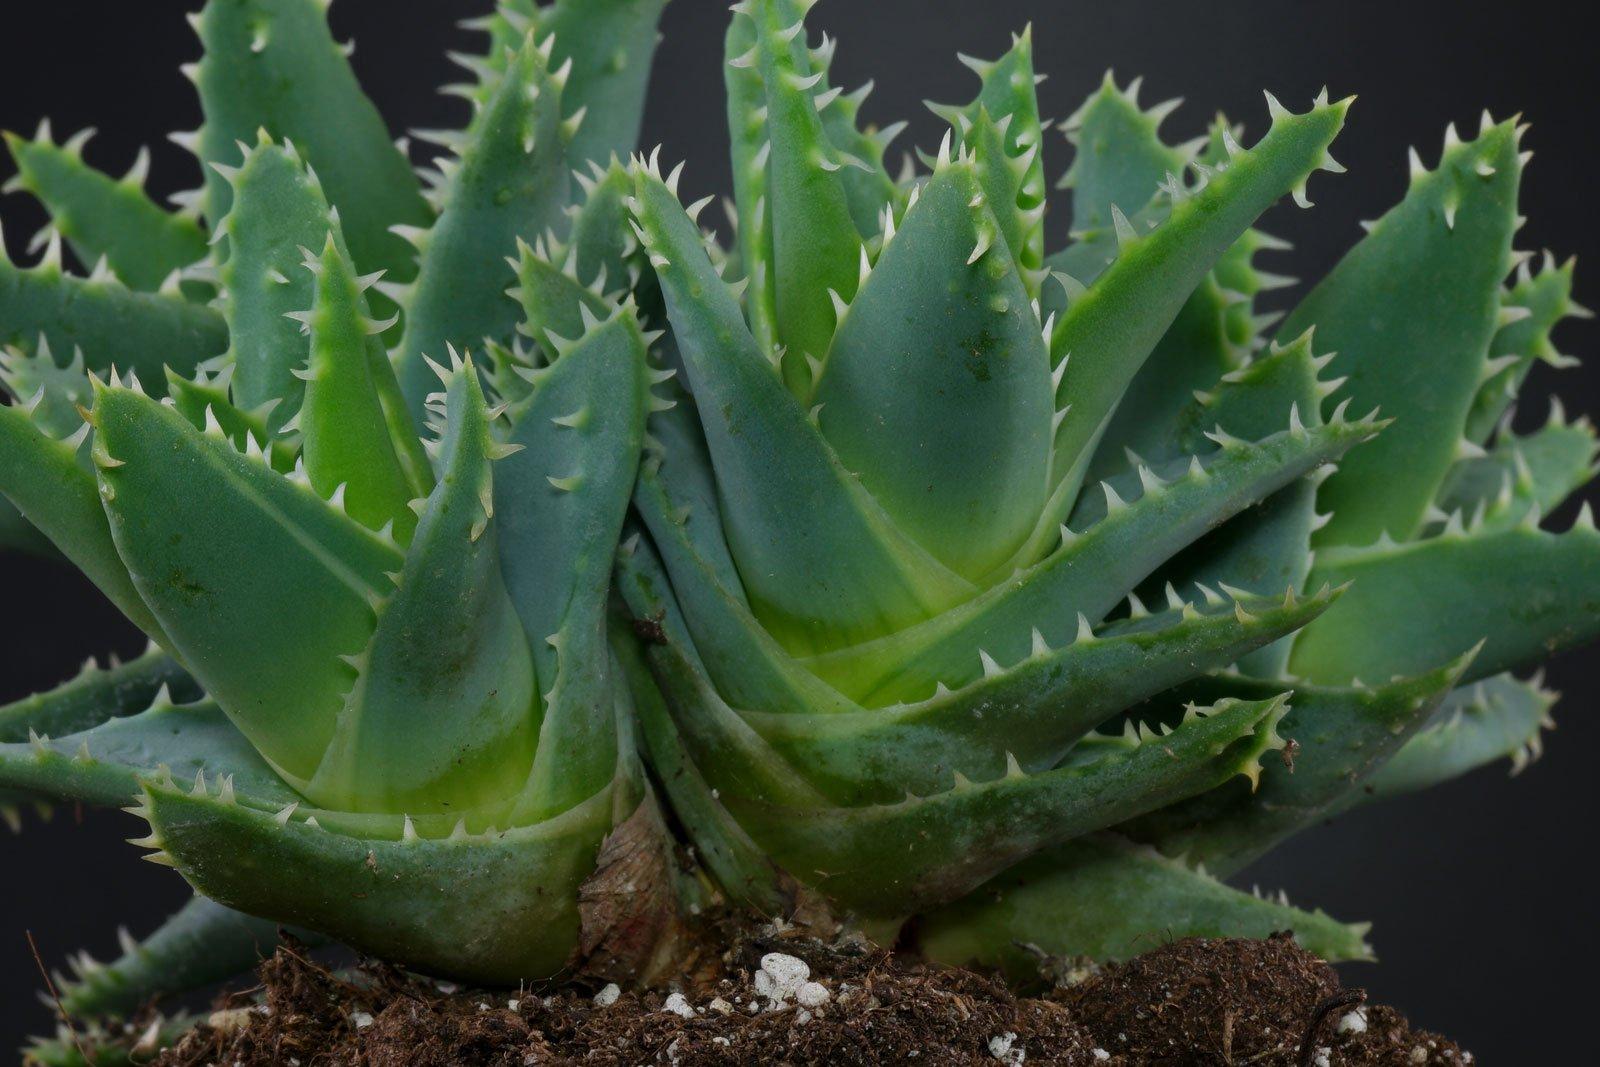 Kurzblättrige Aloe